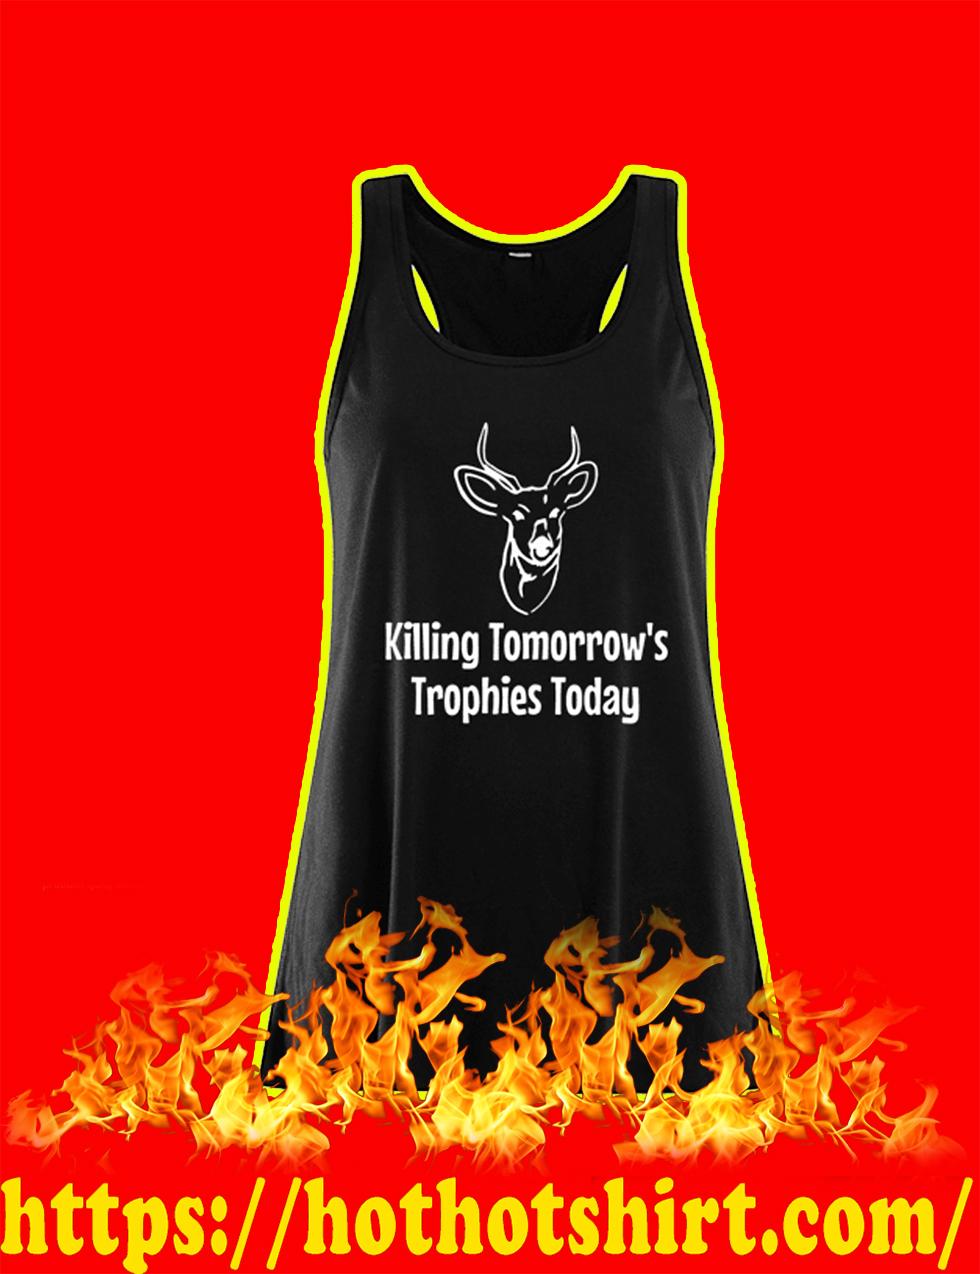 Killing Tomorrow's Trophies Today flowy tank